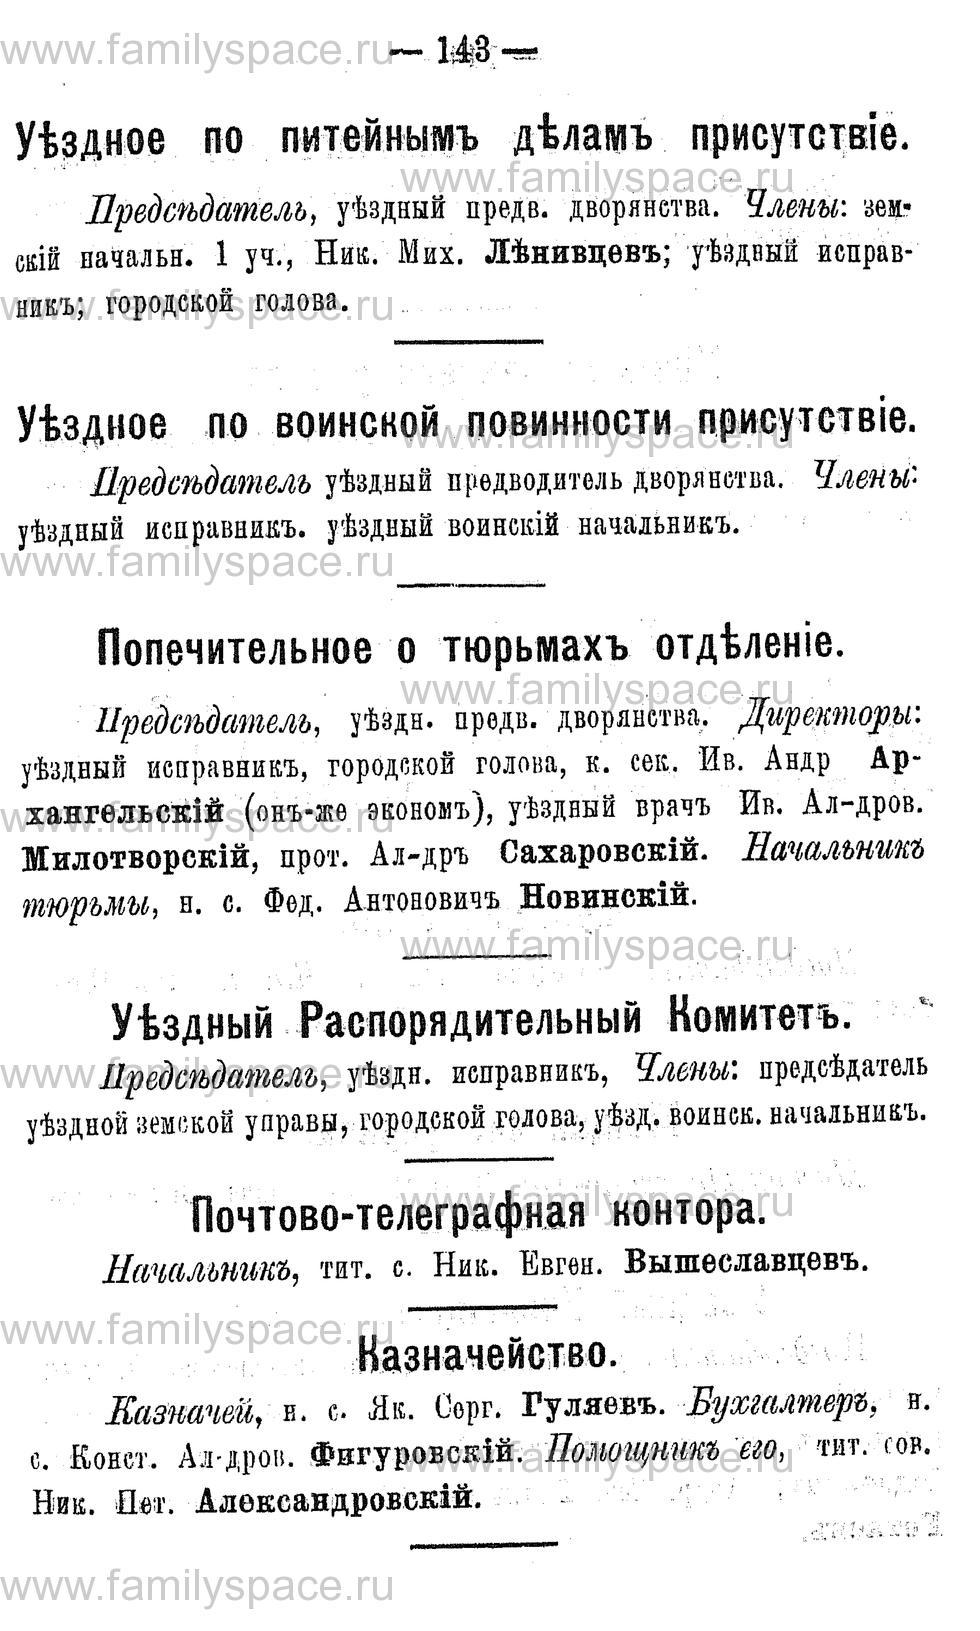 Поиск по фамилии - Адрес-календарь Нижегородской губернии на 1891 год, страница 143